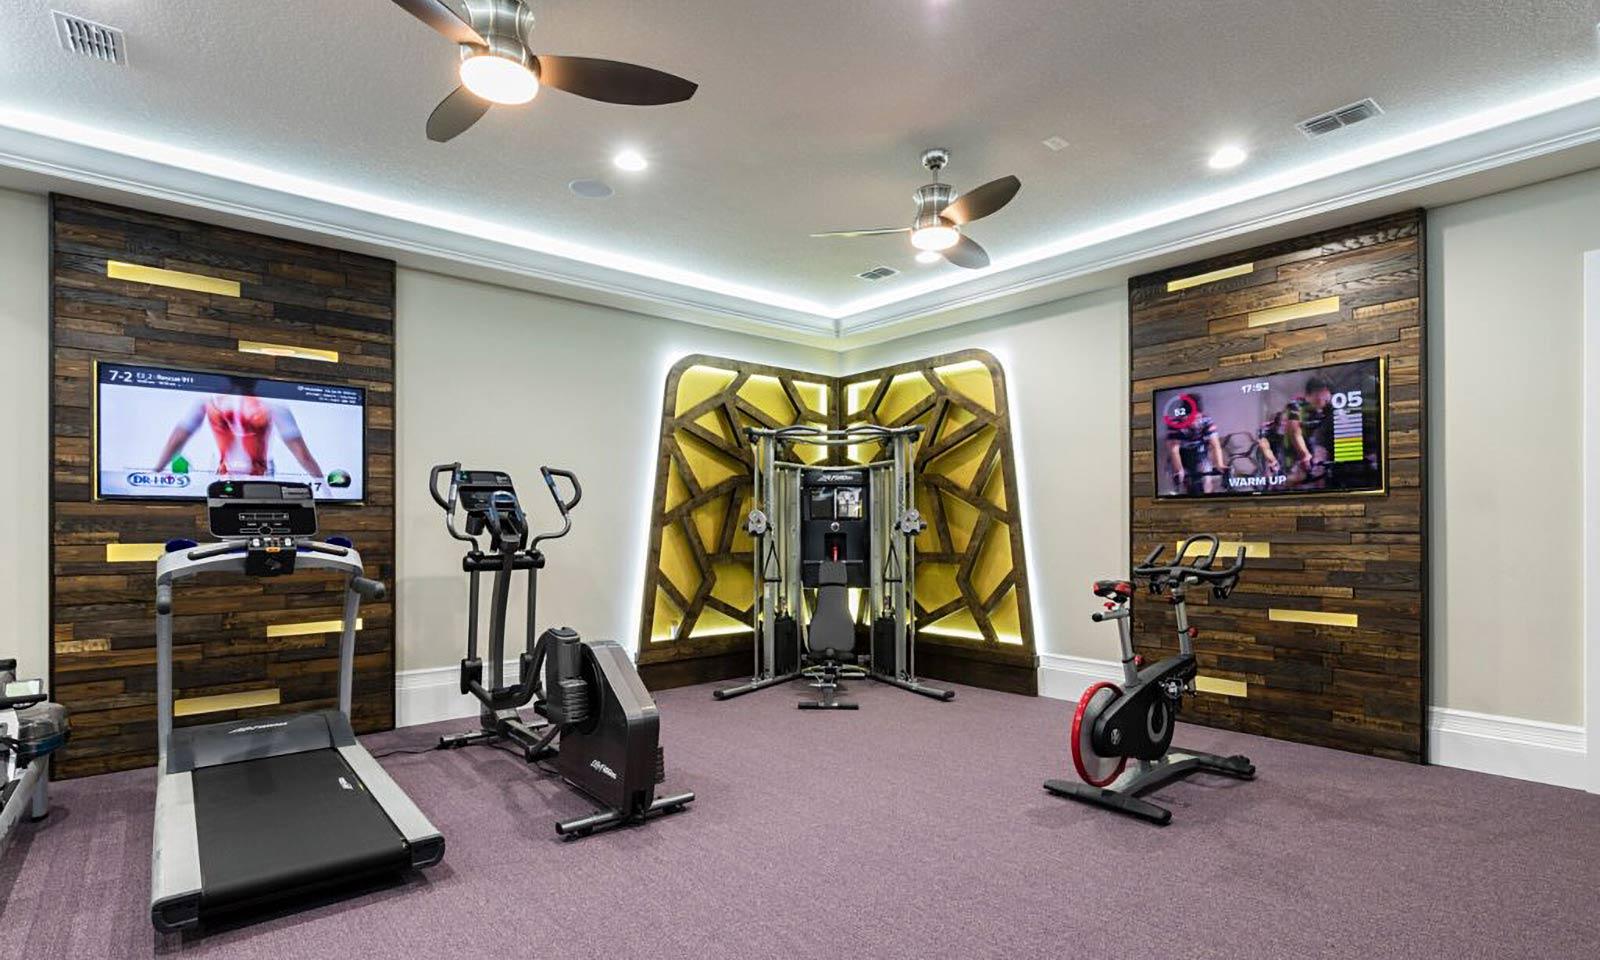 [amenities:Gym:1] Gym